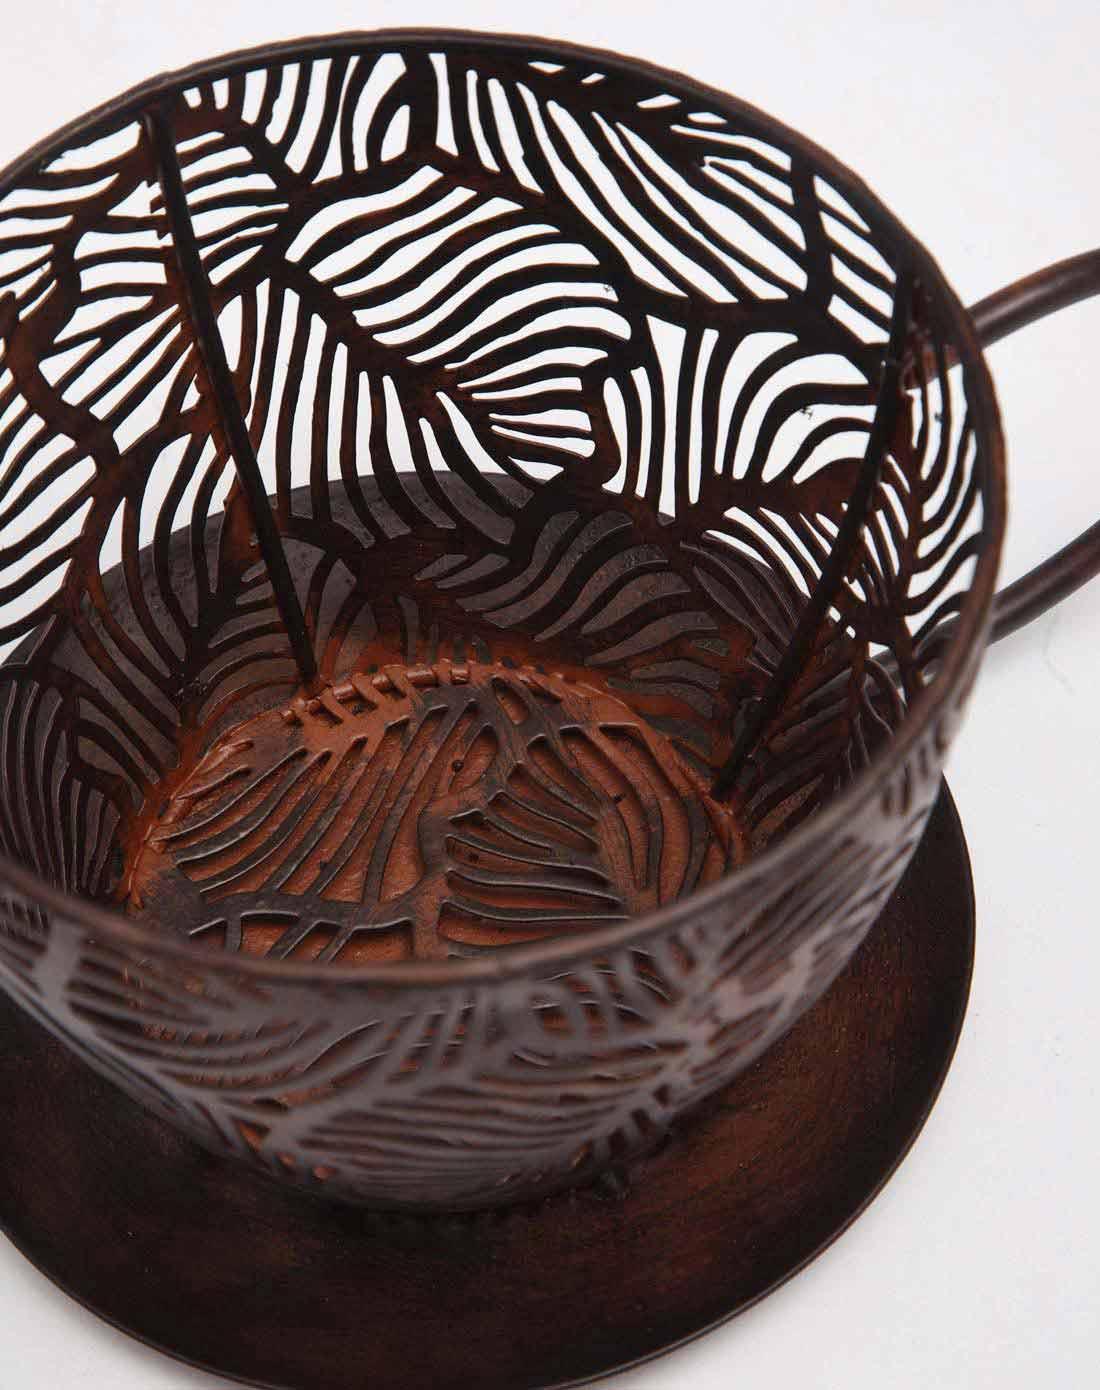 > 黑色树叶纹铁艺咖啡杯造型花盆架